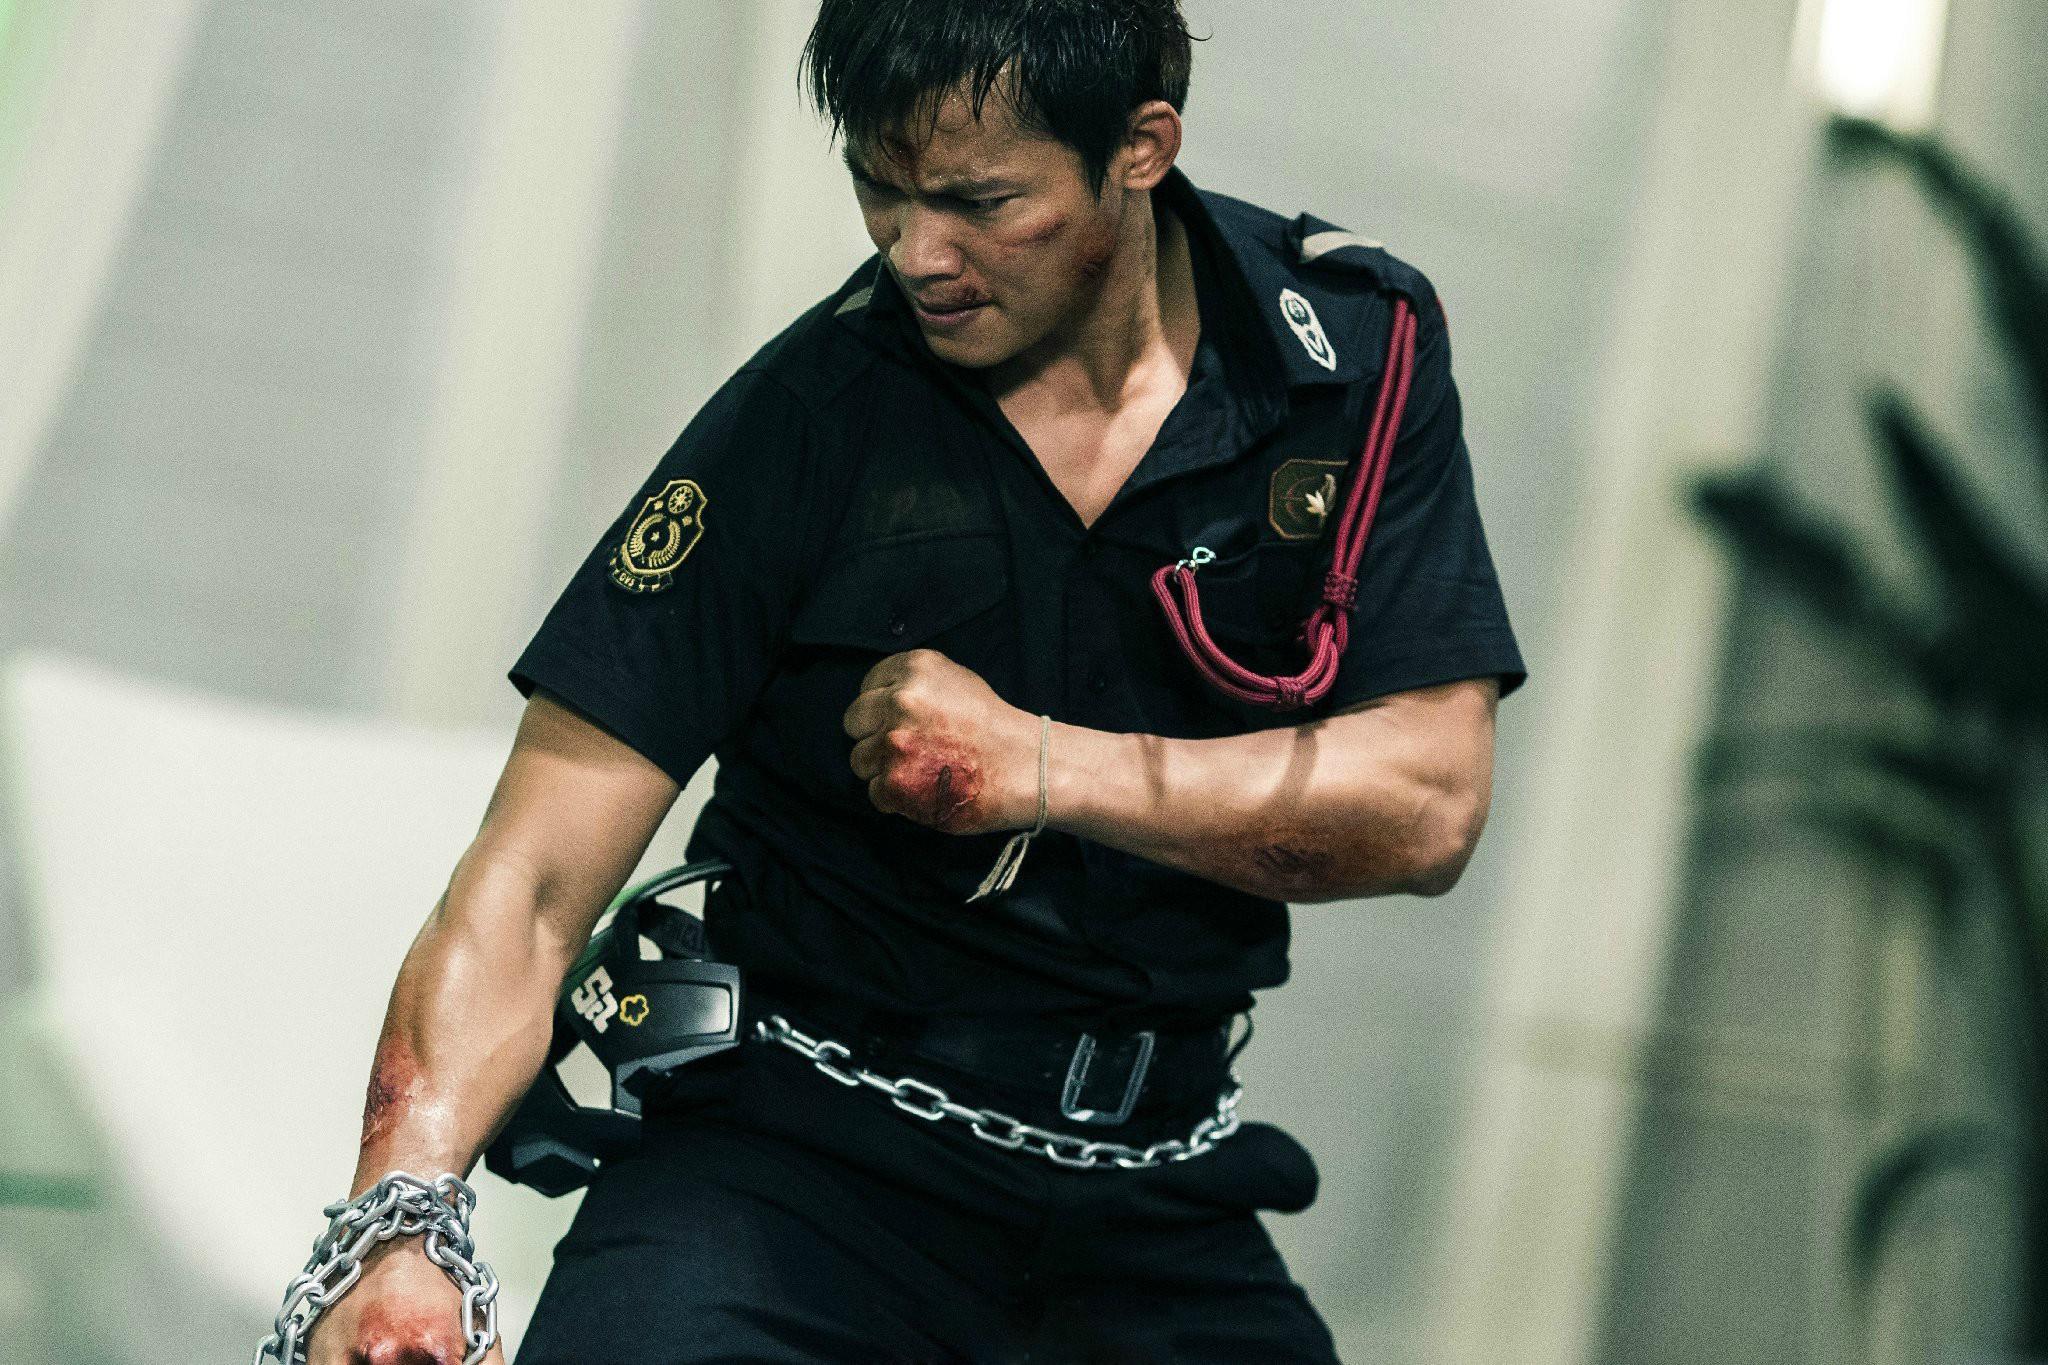 «Детсадовский Полицейский» — 1990